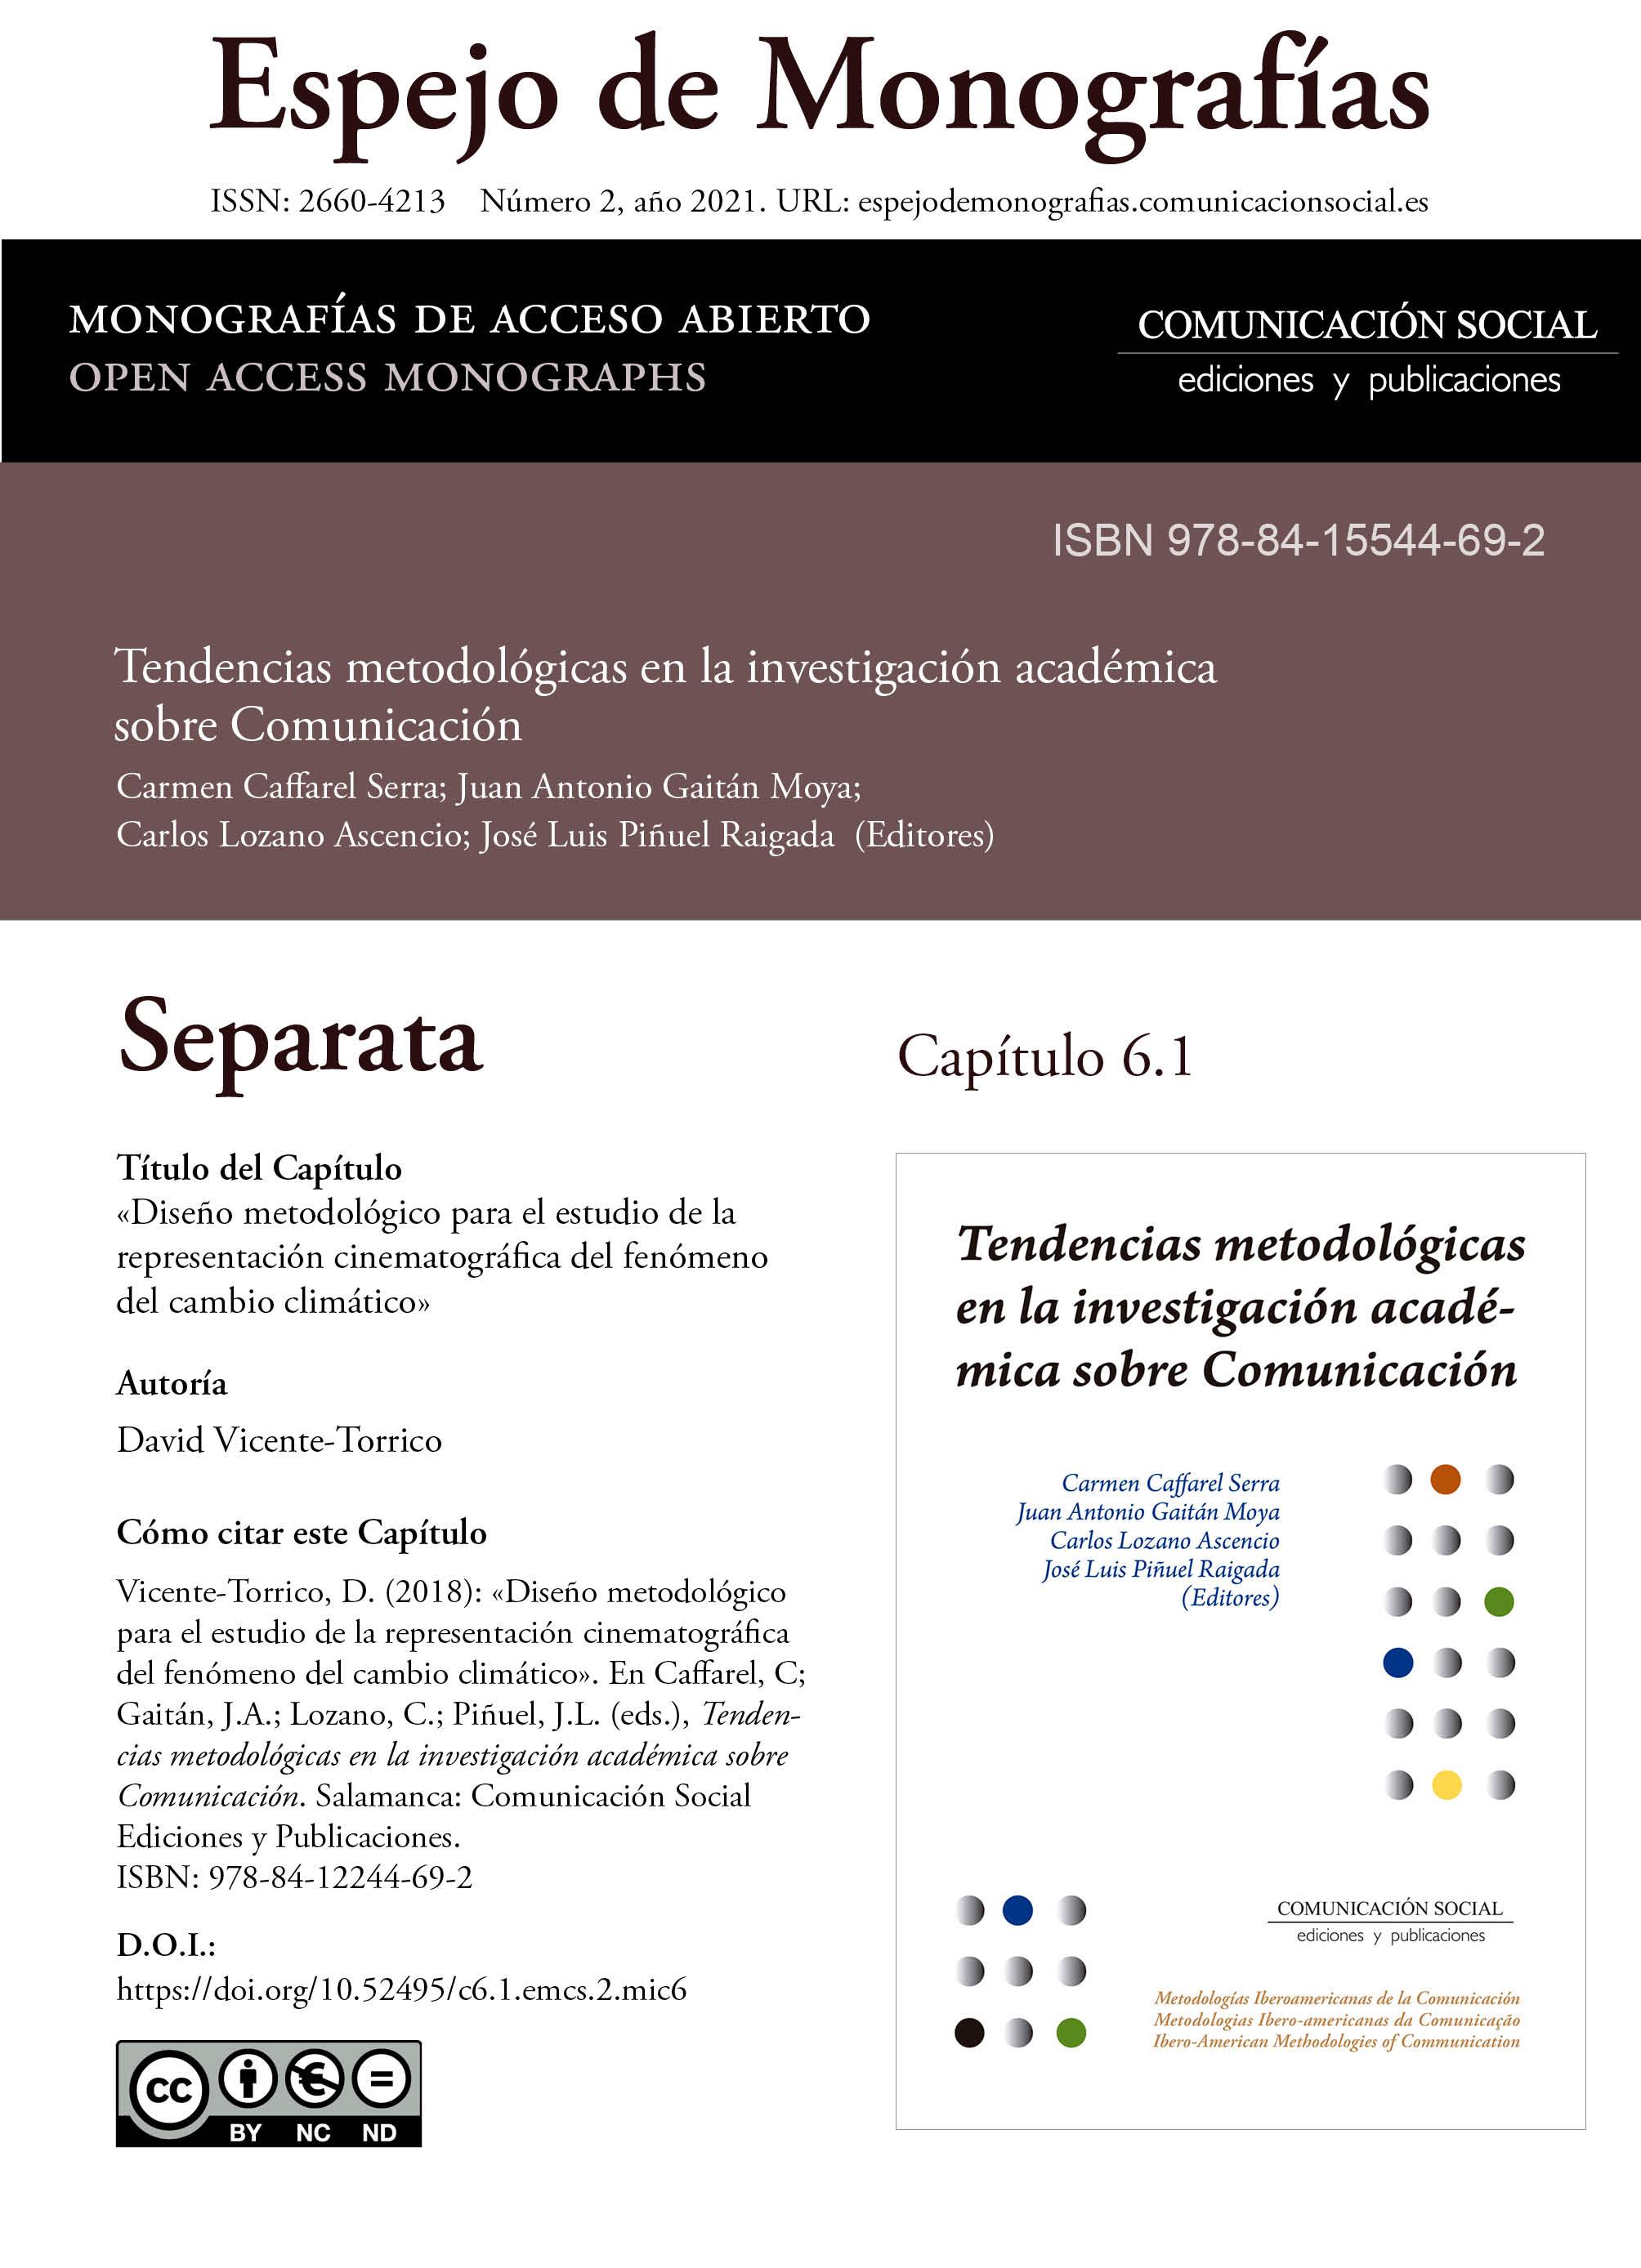 Separata del Capítulo 6.1 correspondiente a la monografía Tendencias metodológicas en la investigación académica en Comunicación